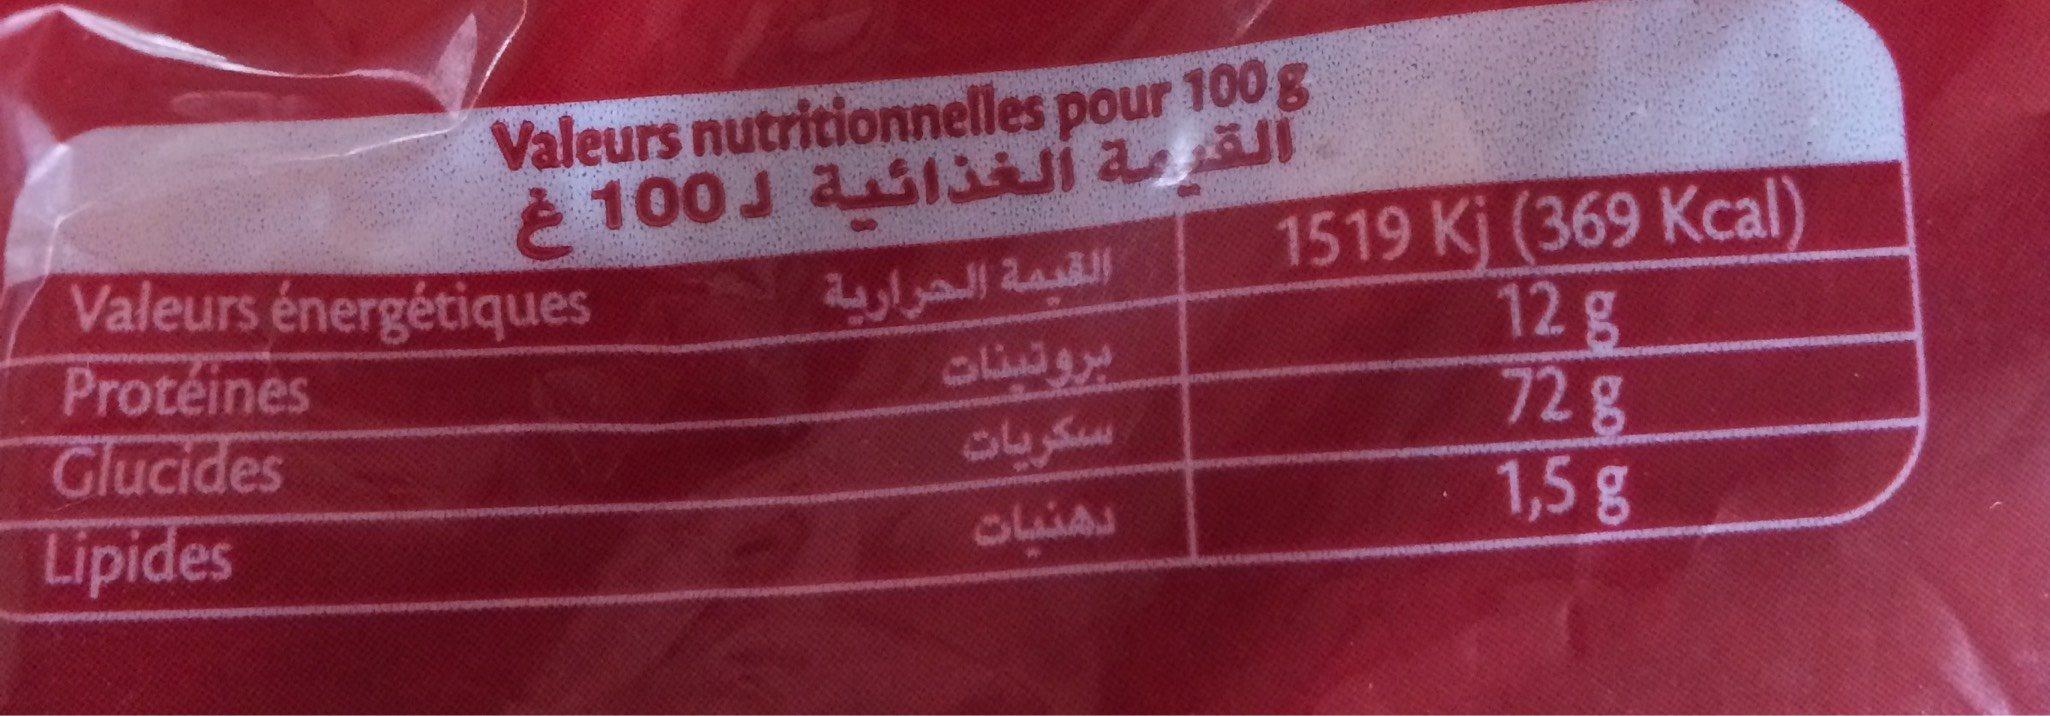 Pâtes Fell 2 Warda (500G) - Informations nutritionnelles - fr